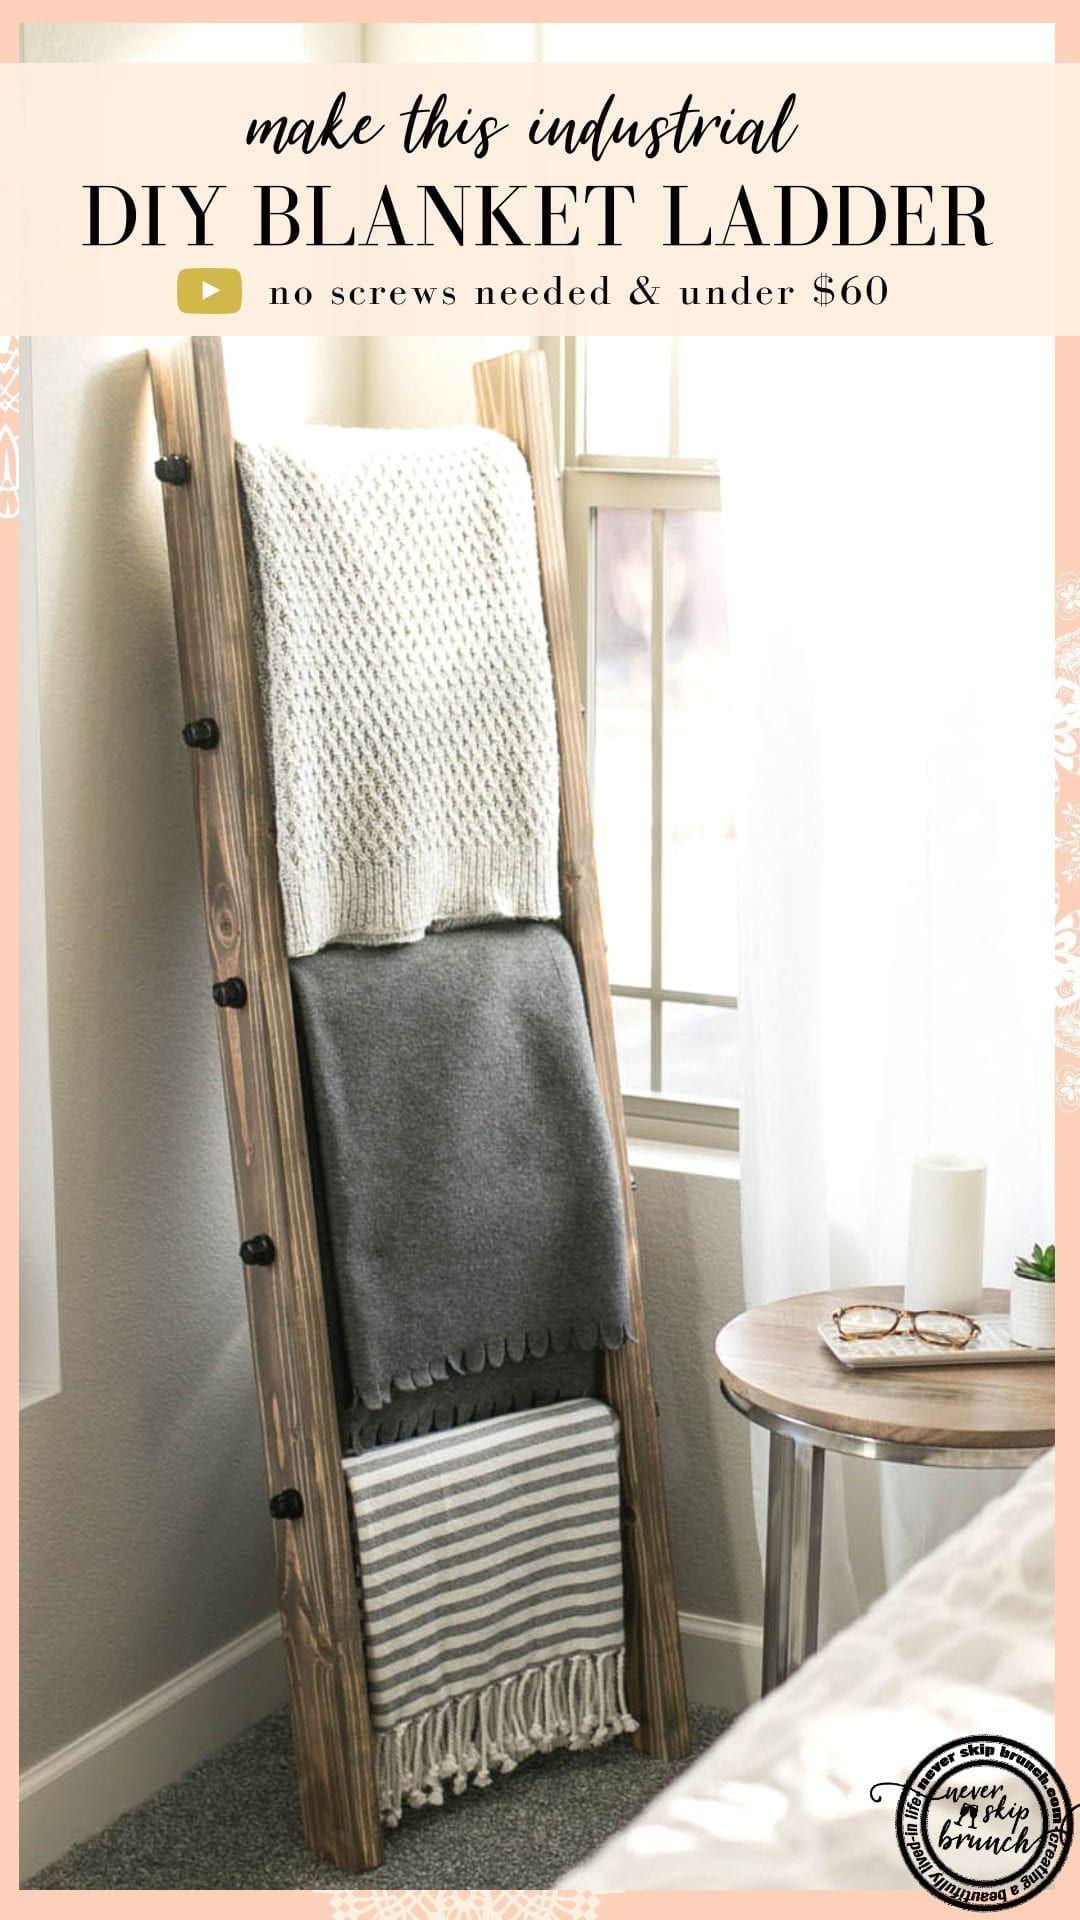 How To Make A Diy Industrial Style Blanket Ladder Under 60 Never Skip Brunch Living Room Blanket Home Design Diy Home Diy